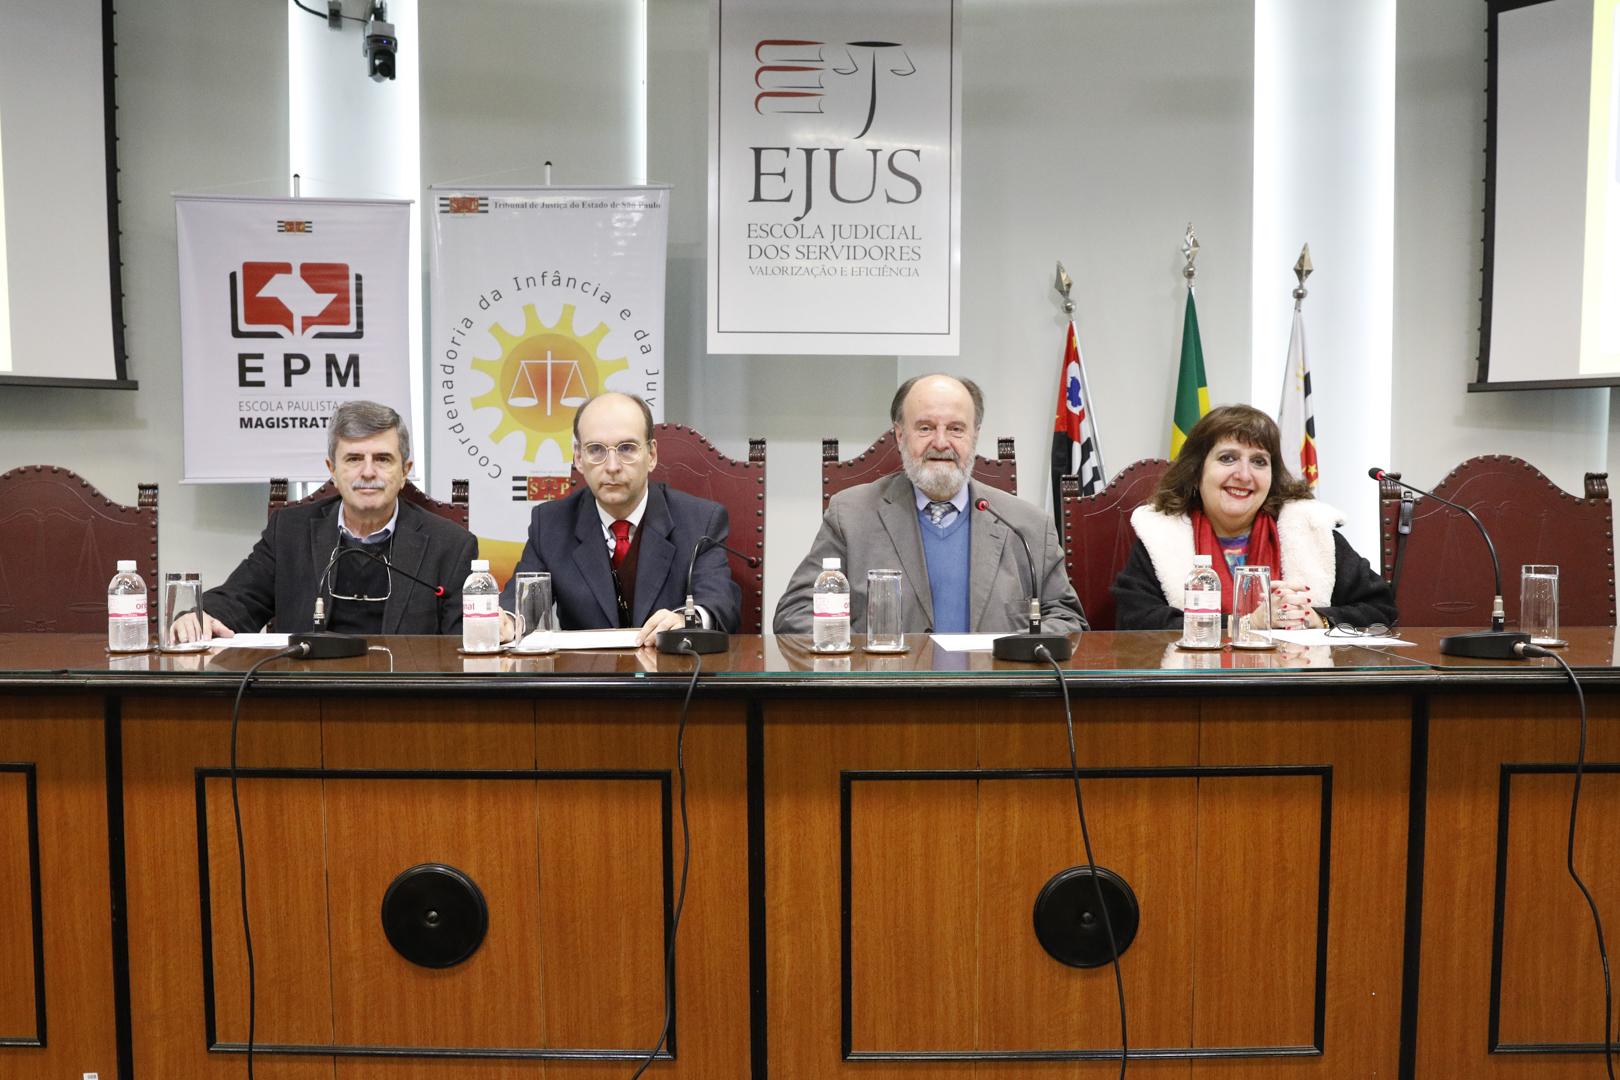 EPM e CIJ promovem seminário sobre paternidade e maternidade na adolescência